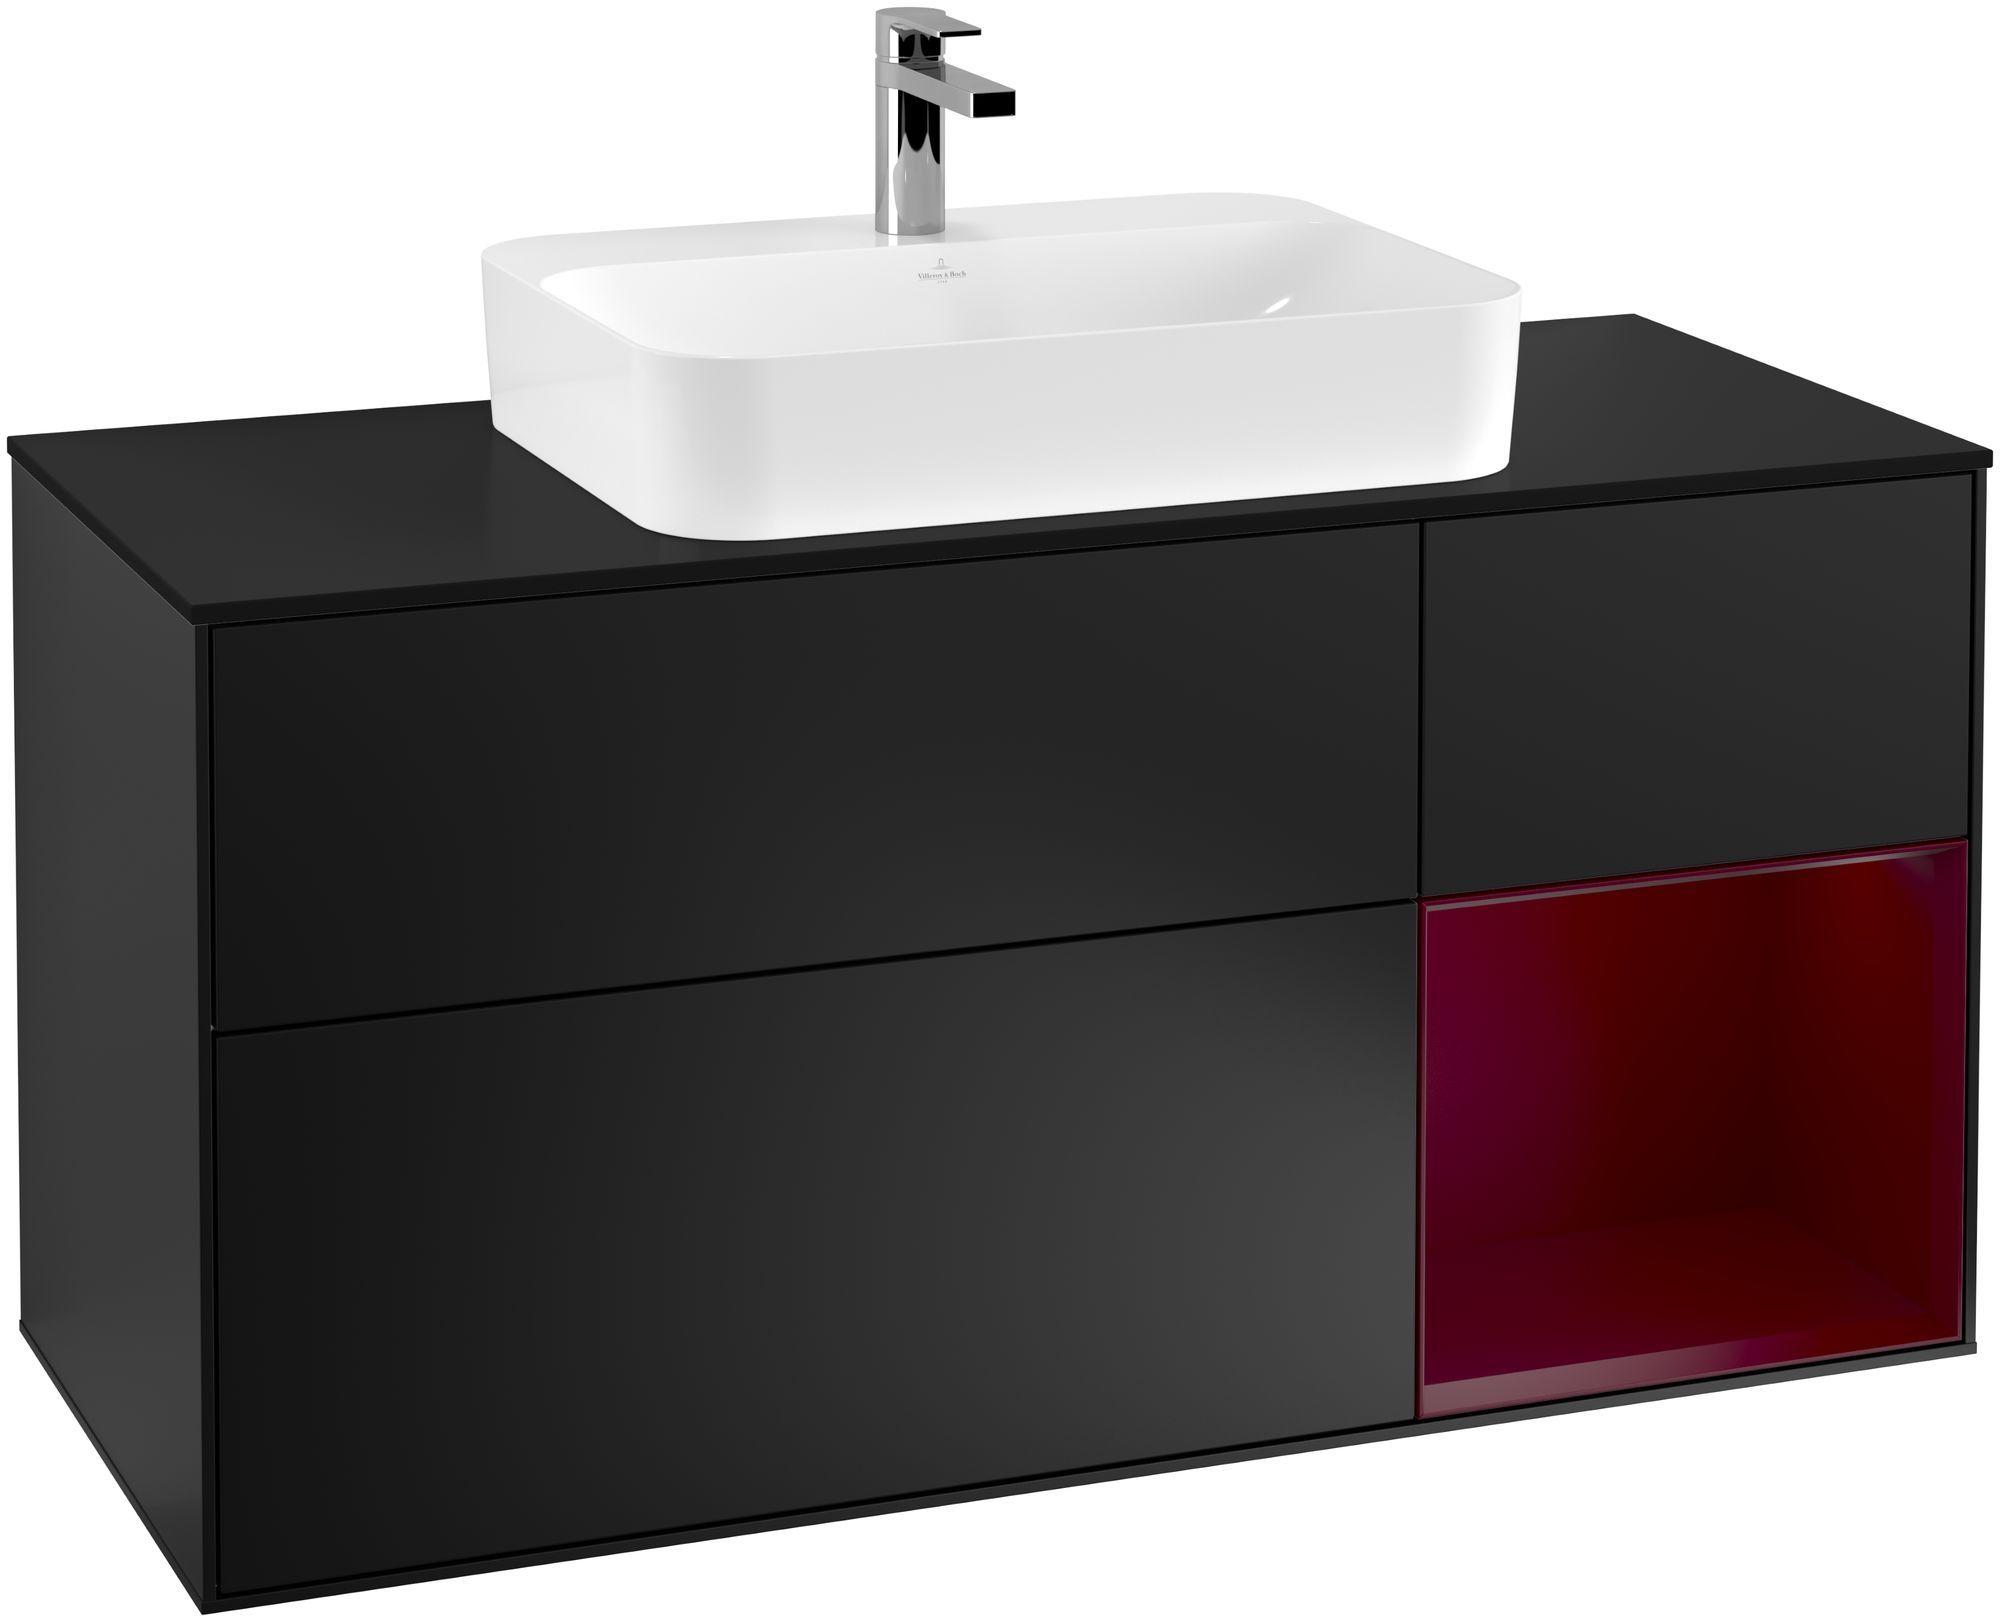 Villeroy & Boch Finion G42 Waschtischunterschrank mit Regalelement 3 Auszüge Waschtisch mittig LED-Beleuchtung B:120xH:60,3xT:50,1cm Front, Korpus: Black Matt Lacquer, Regal: Peony, Glasplatte: Black Matt G422HBPD